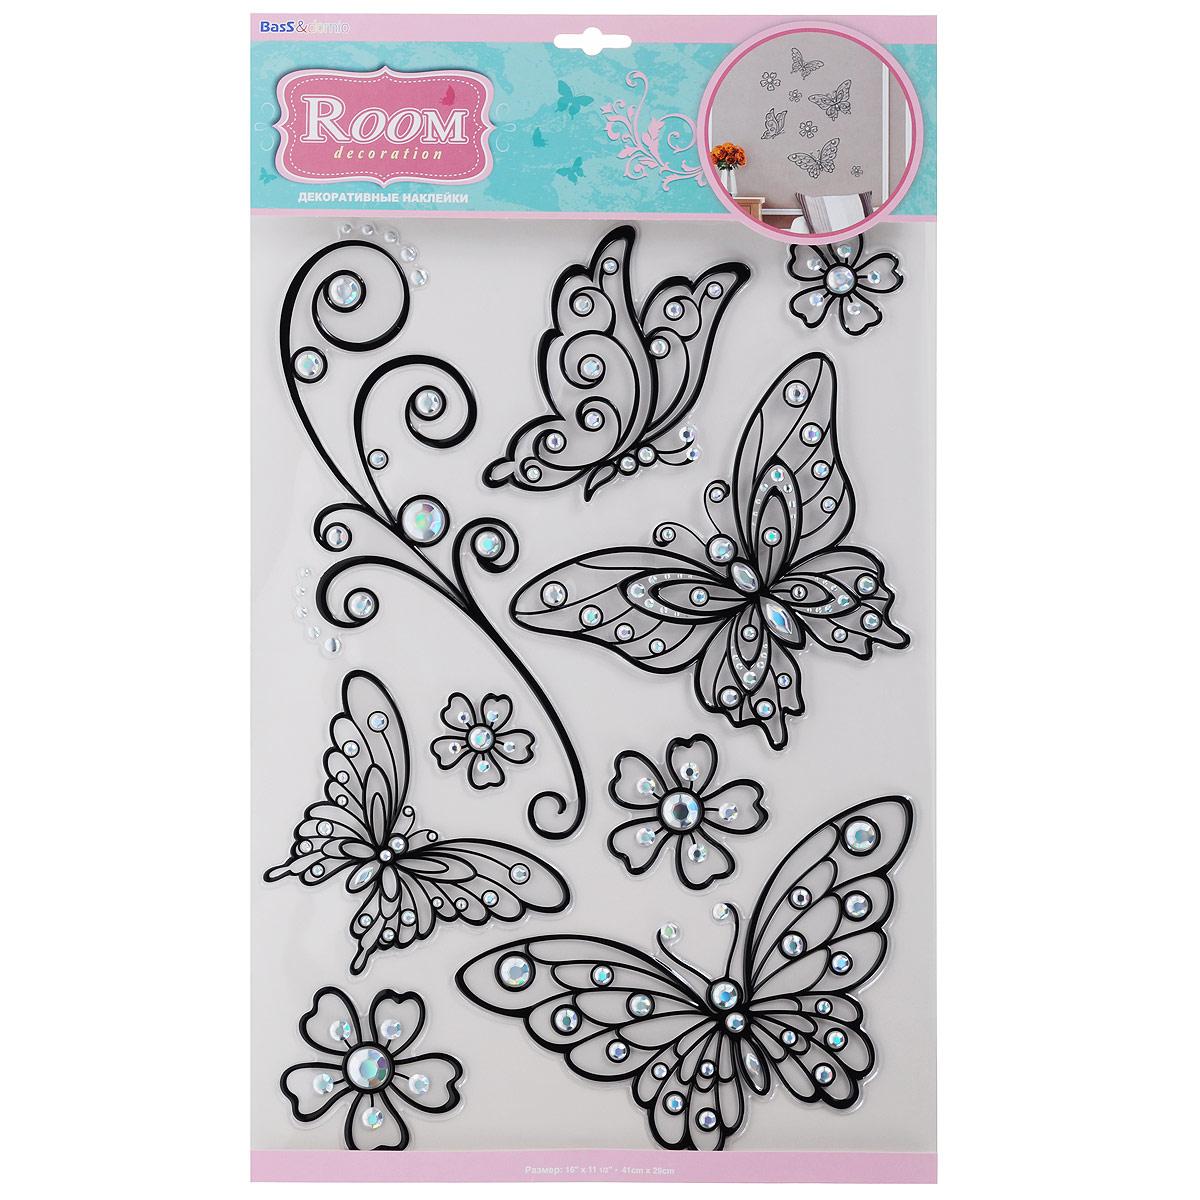 Наклейки для интерьера Room Decoration Бабочки, цвет: черный, 41 х 29 смPOA5803